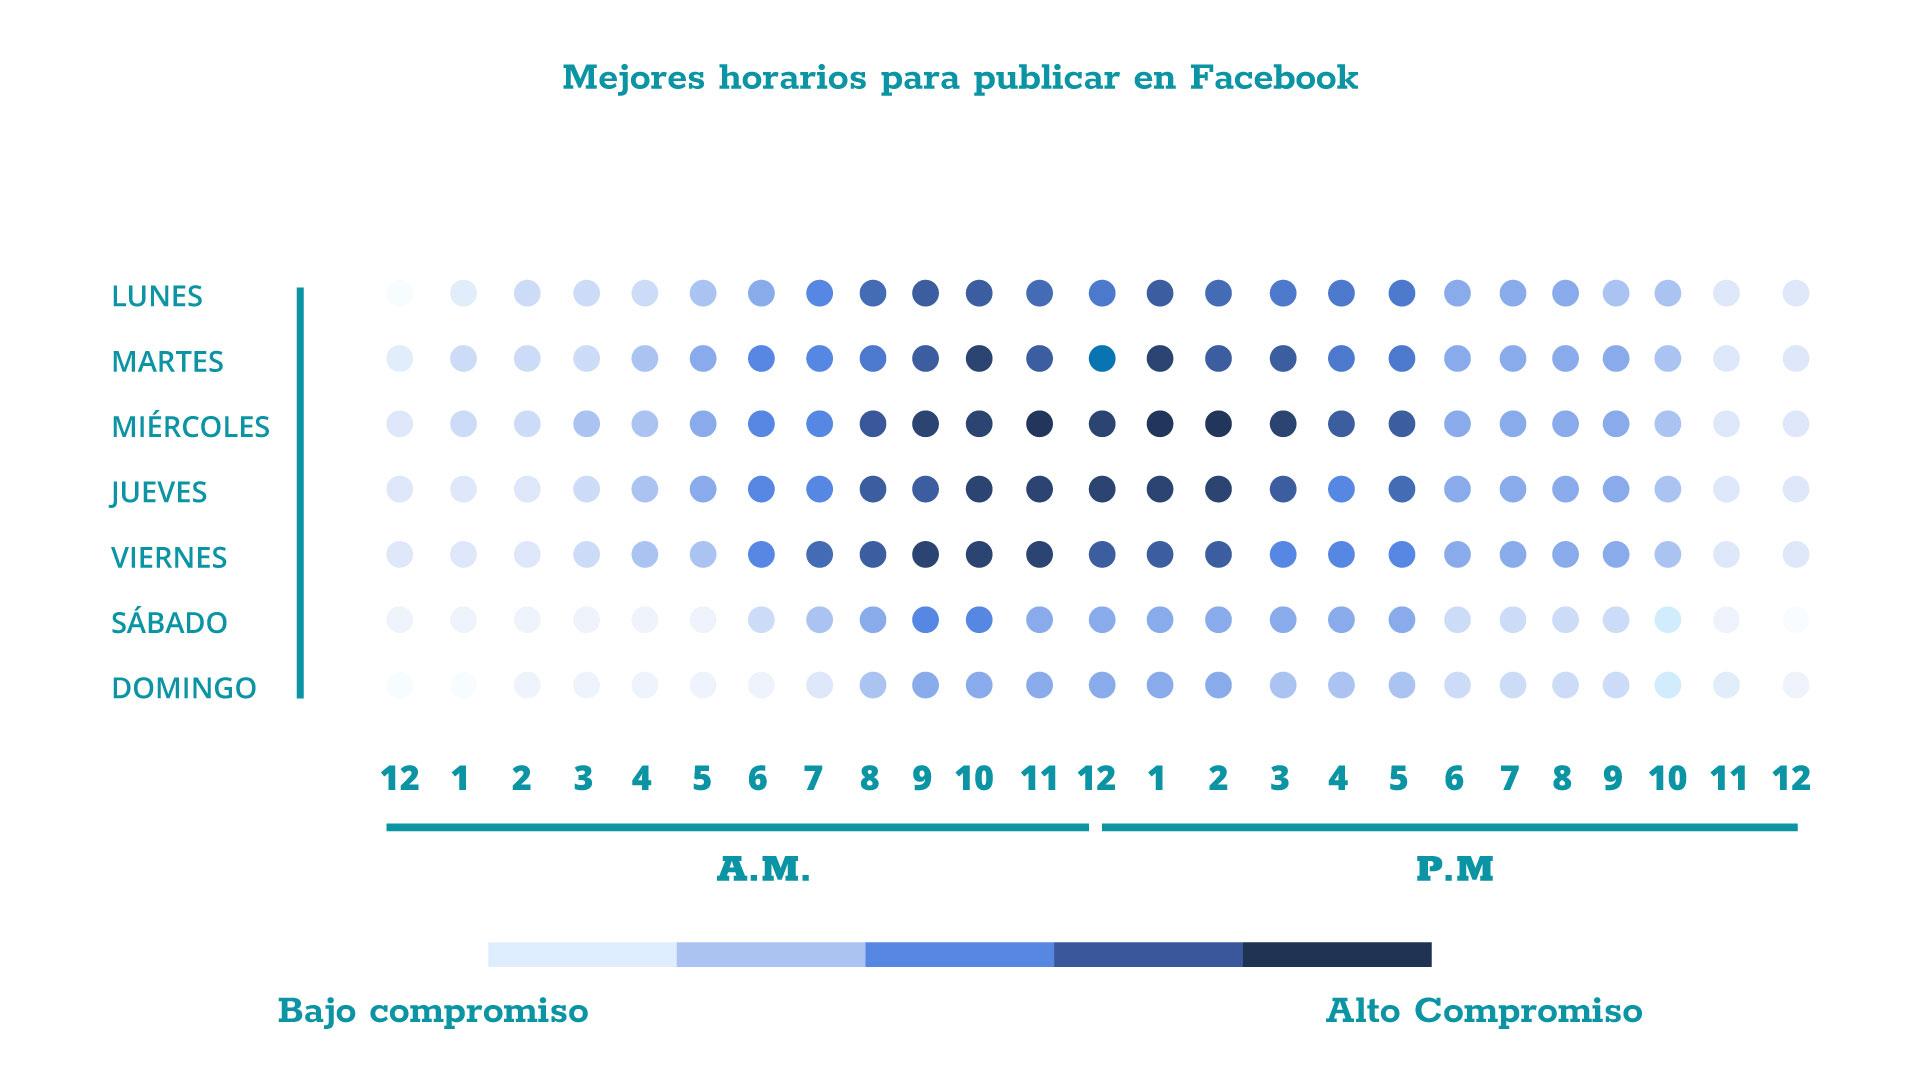 En este gráfico podemos observar el nivel de engagement de los usuarios de Facebook, en general.